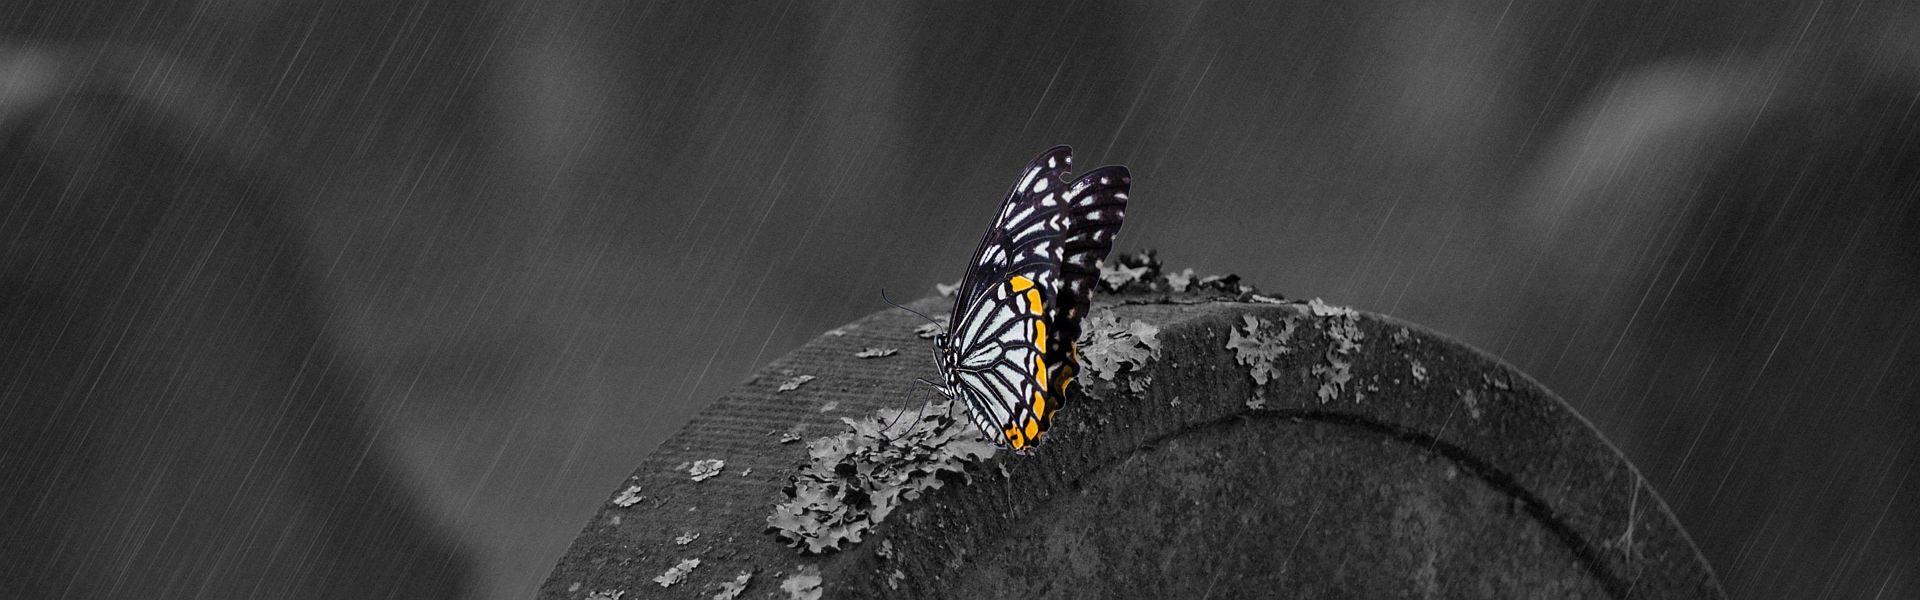 Vlinder op een grafsteen bij het versje 'Laatste ademhaling' van Paul Schrijft